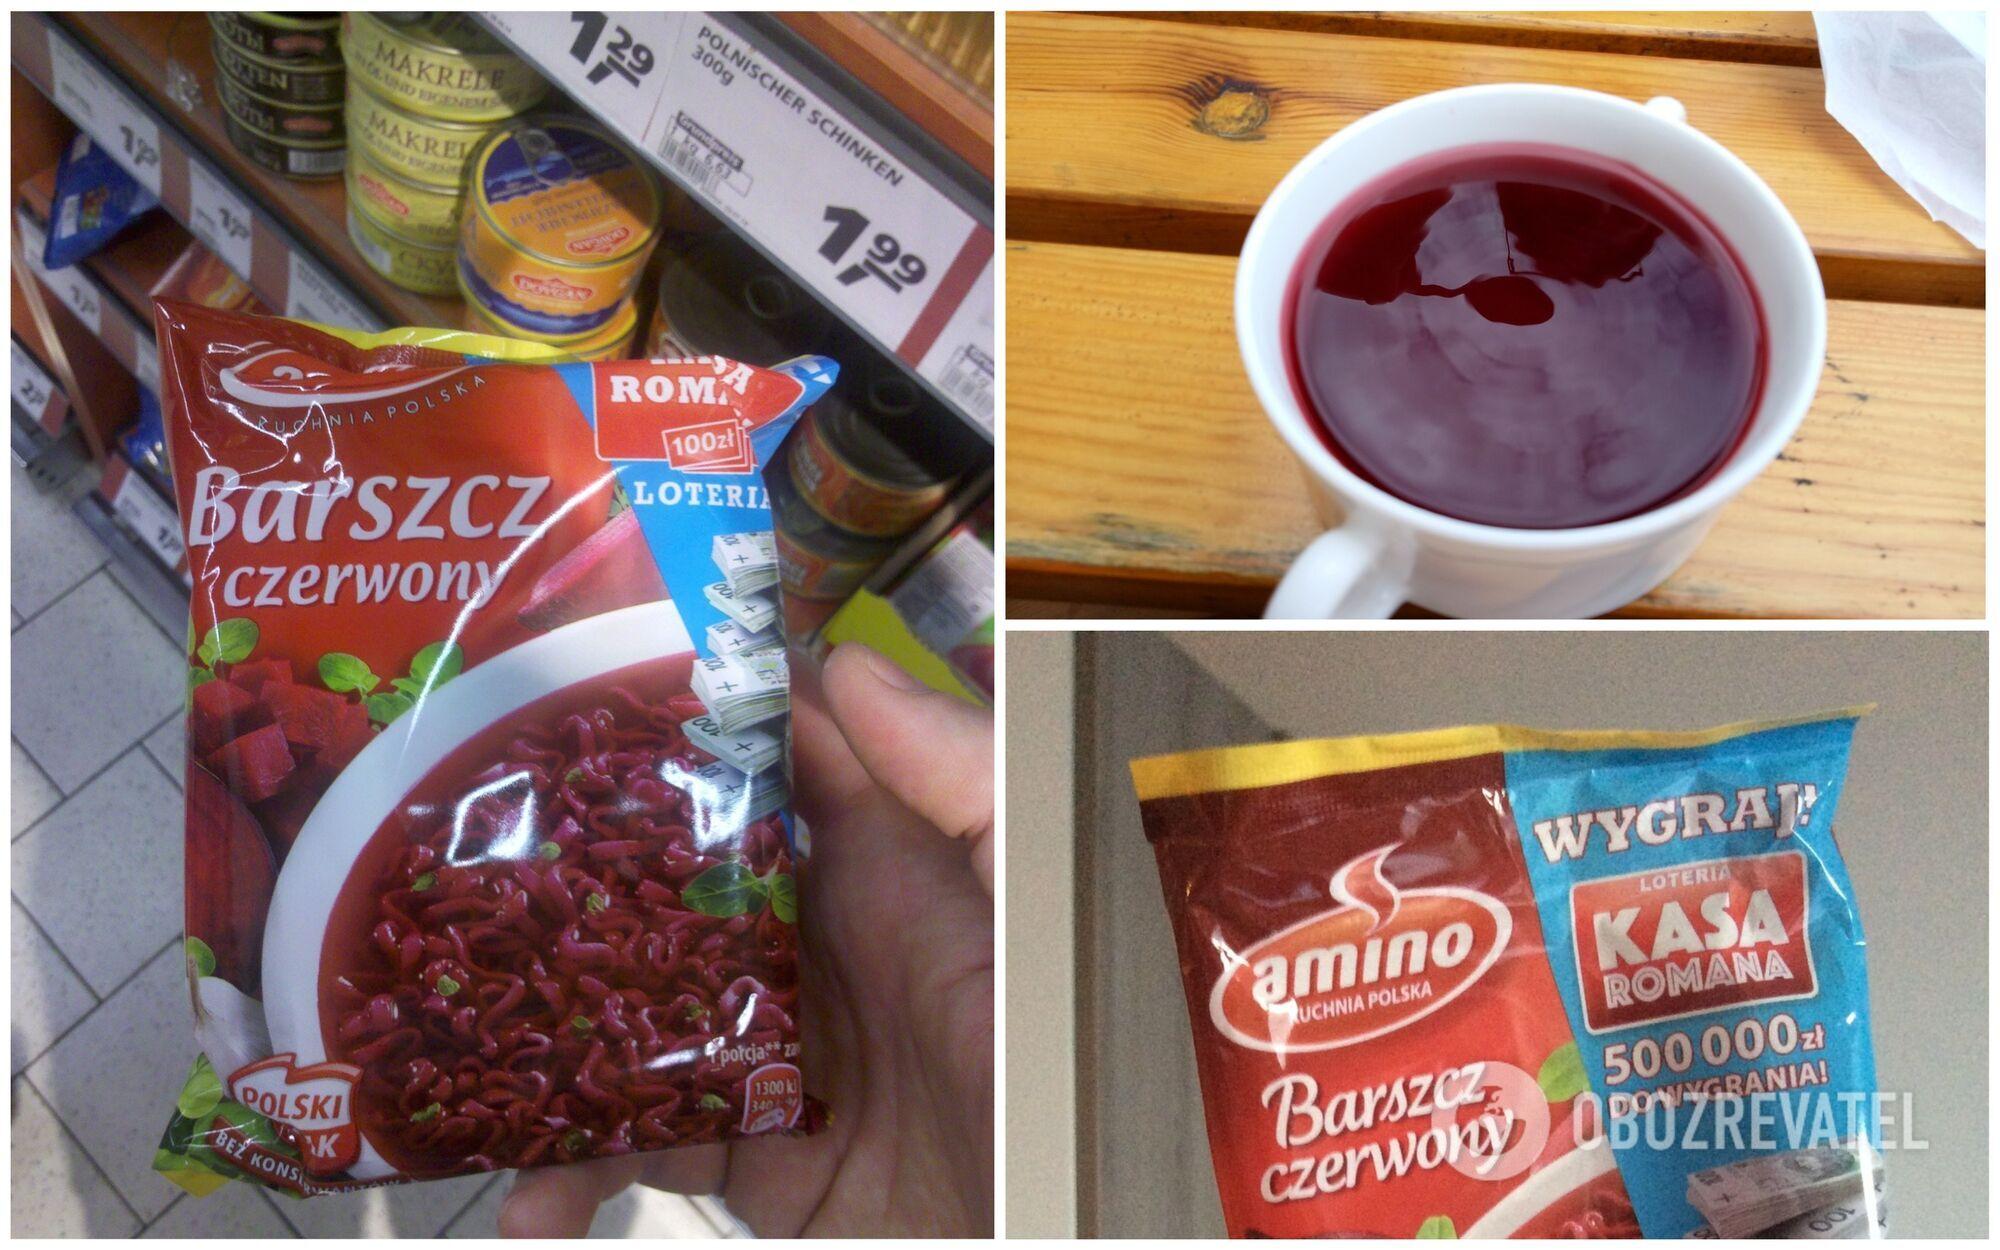 Польський український борщ виглядає як червона вода і продається в торгових автоматах